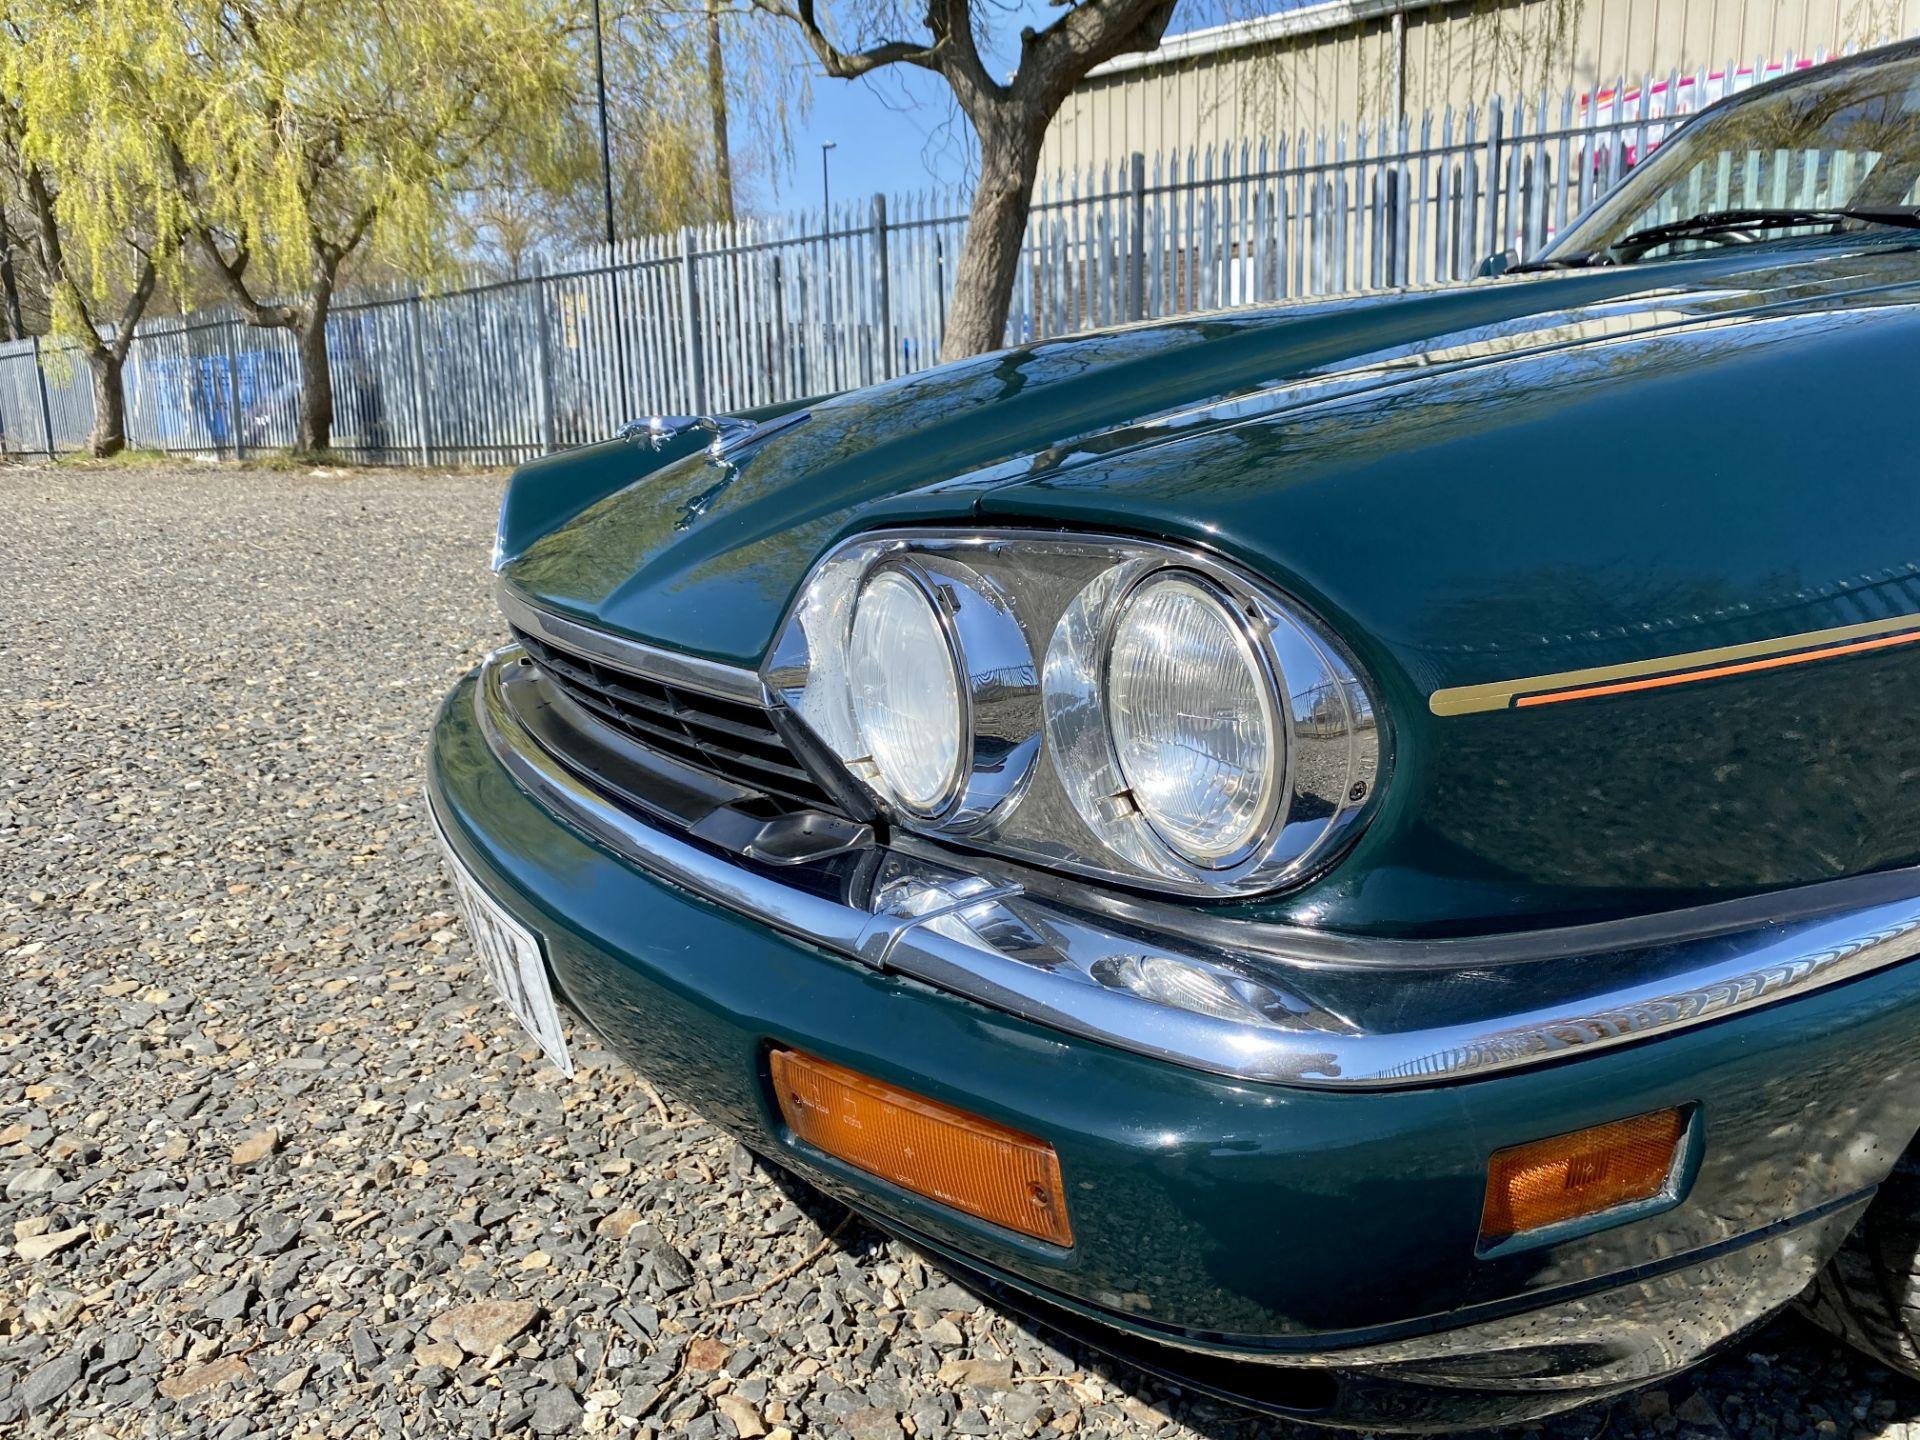 Jaguar XJS coupe - Image 35 of 64